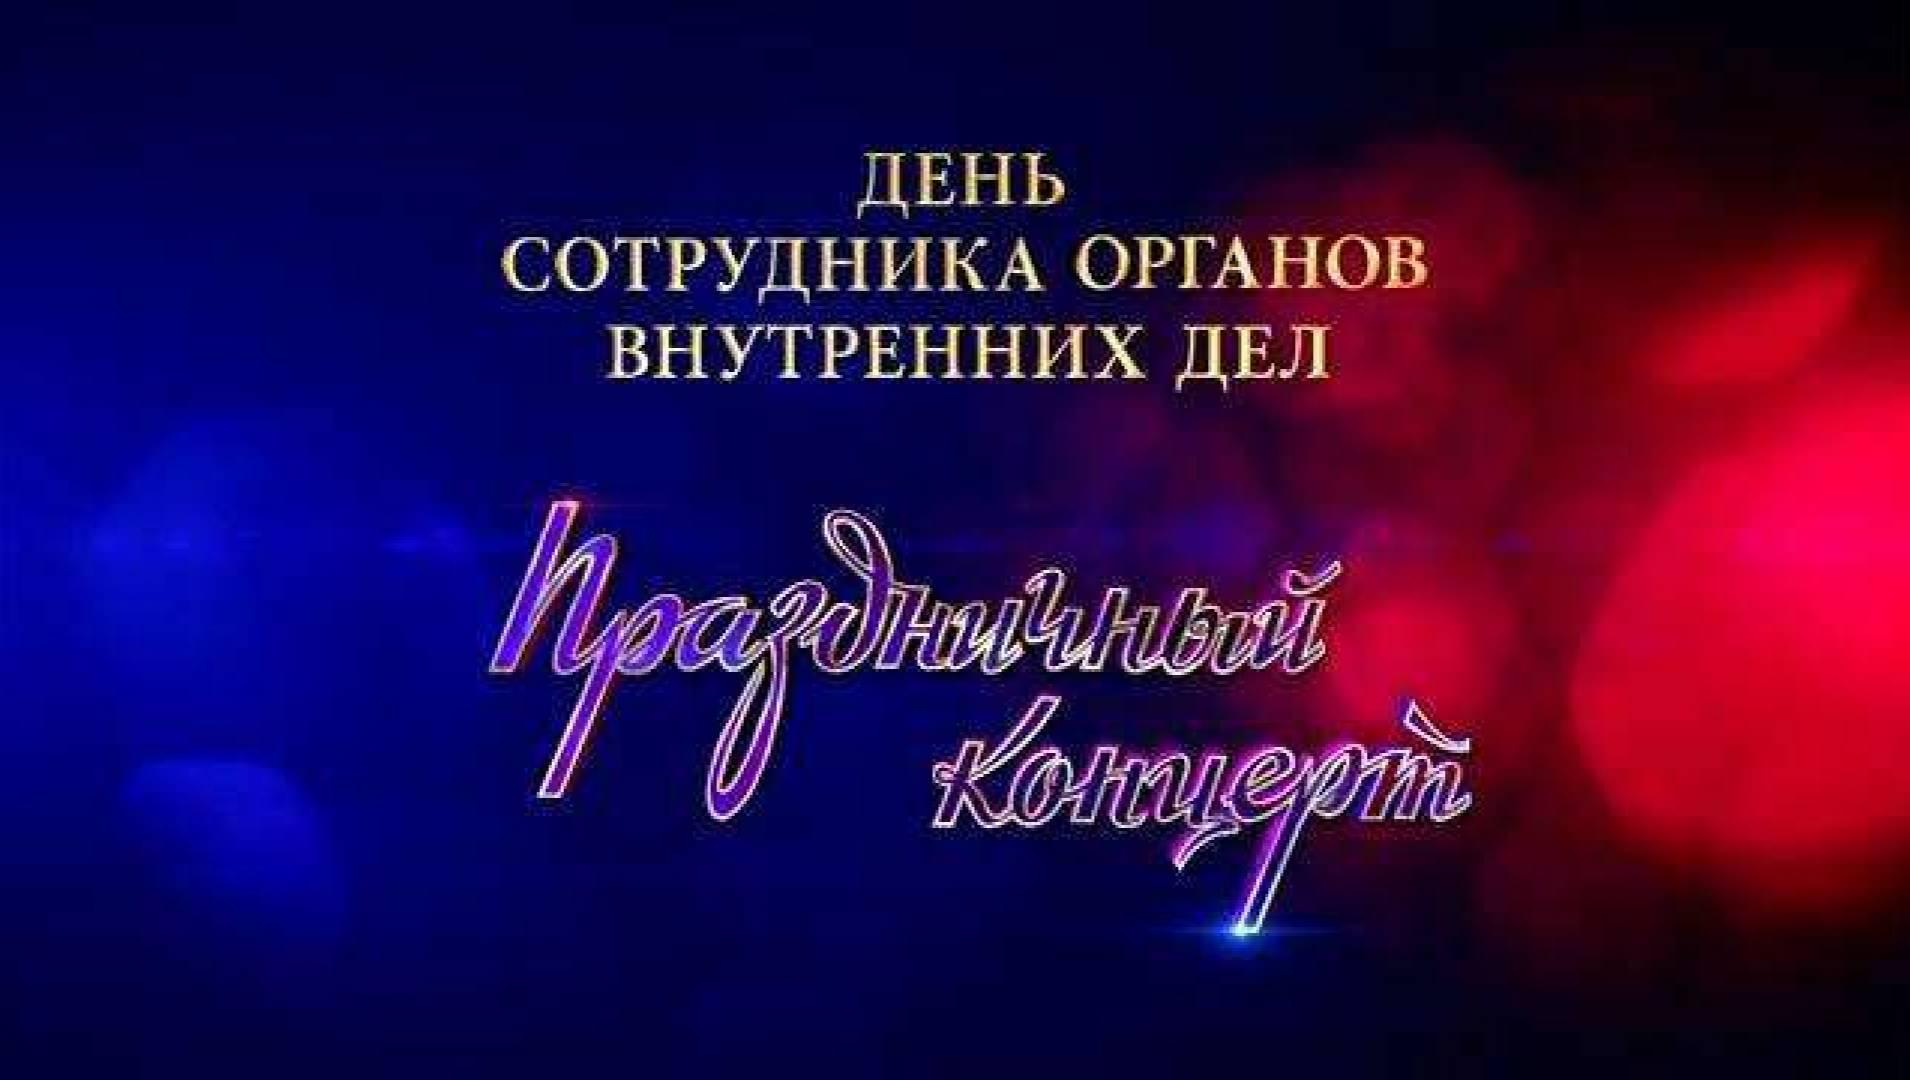 День сотрудника органов внутренних дел. Праздничный концерт - Концерт